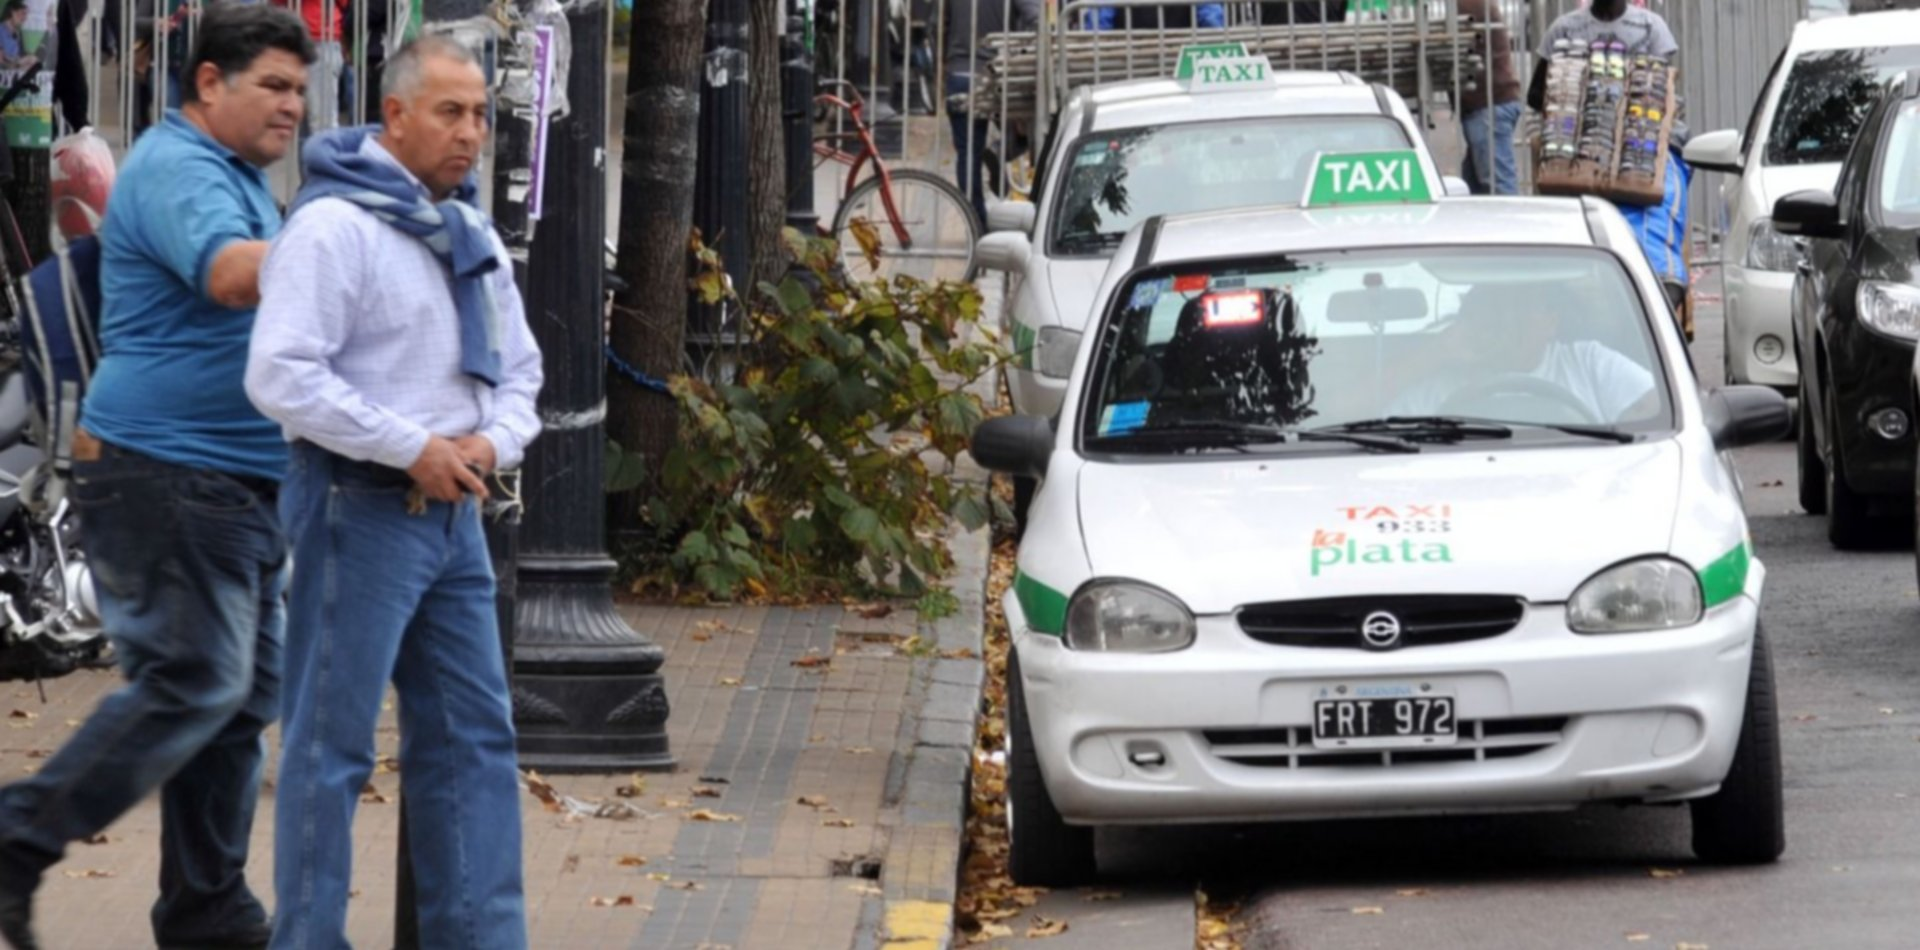 Simuló ser pasajero, le pegó una trompada al taxista y le robó la recaudación